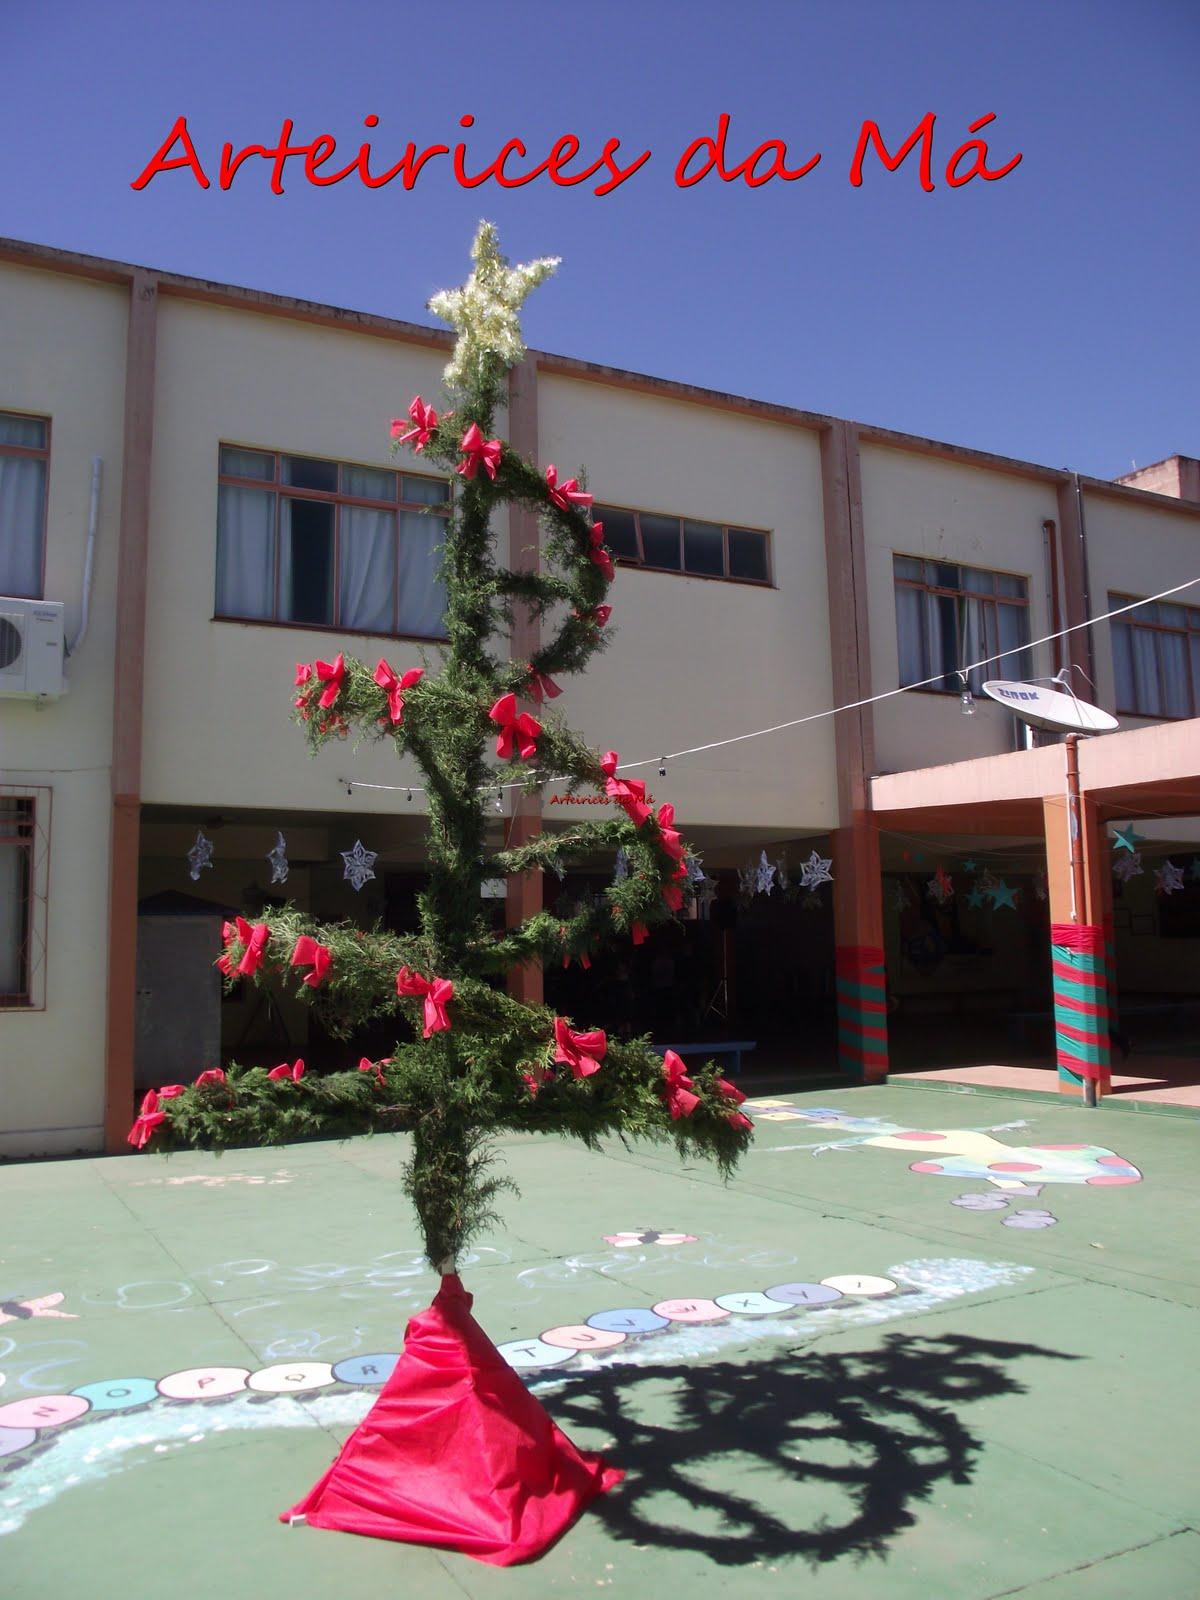 Arteirices da Má Decoraç u00e3o de Natal para o Encerramento do Ano, lá na Escola Vem ver como  -> Decoração De Natal Simples Escola